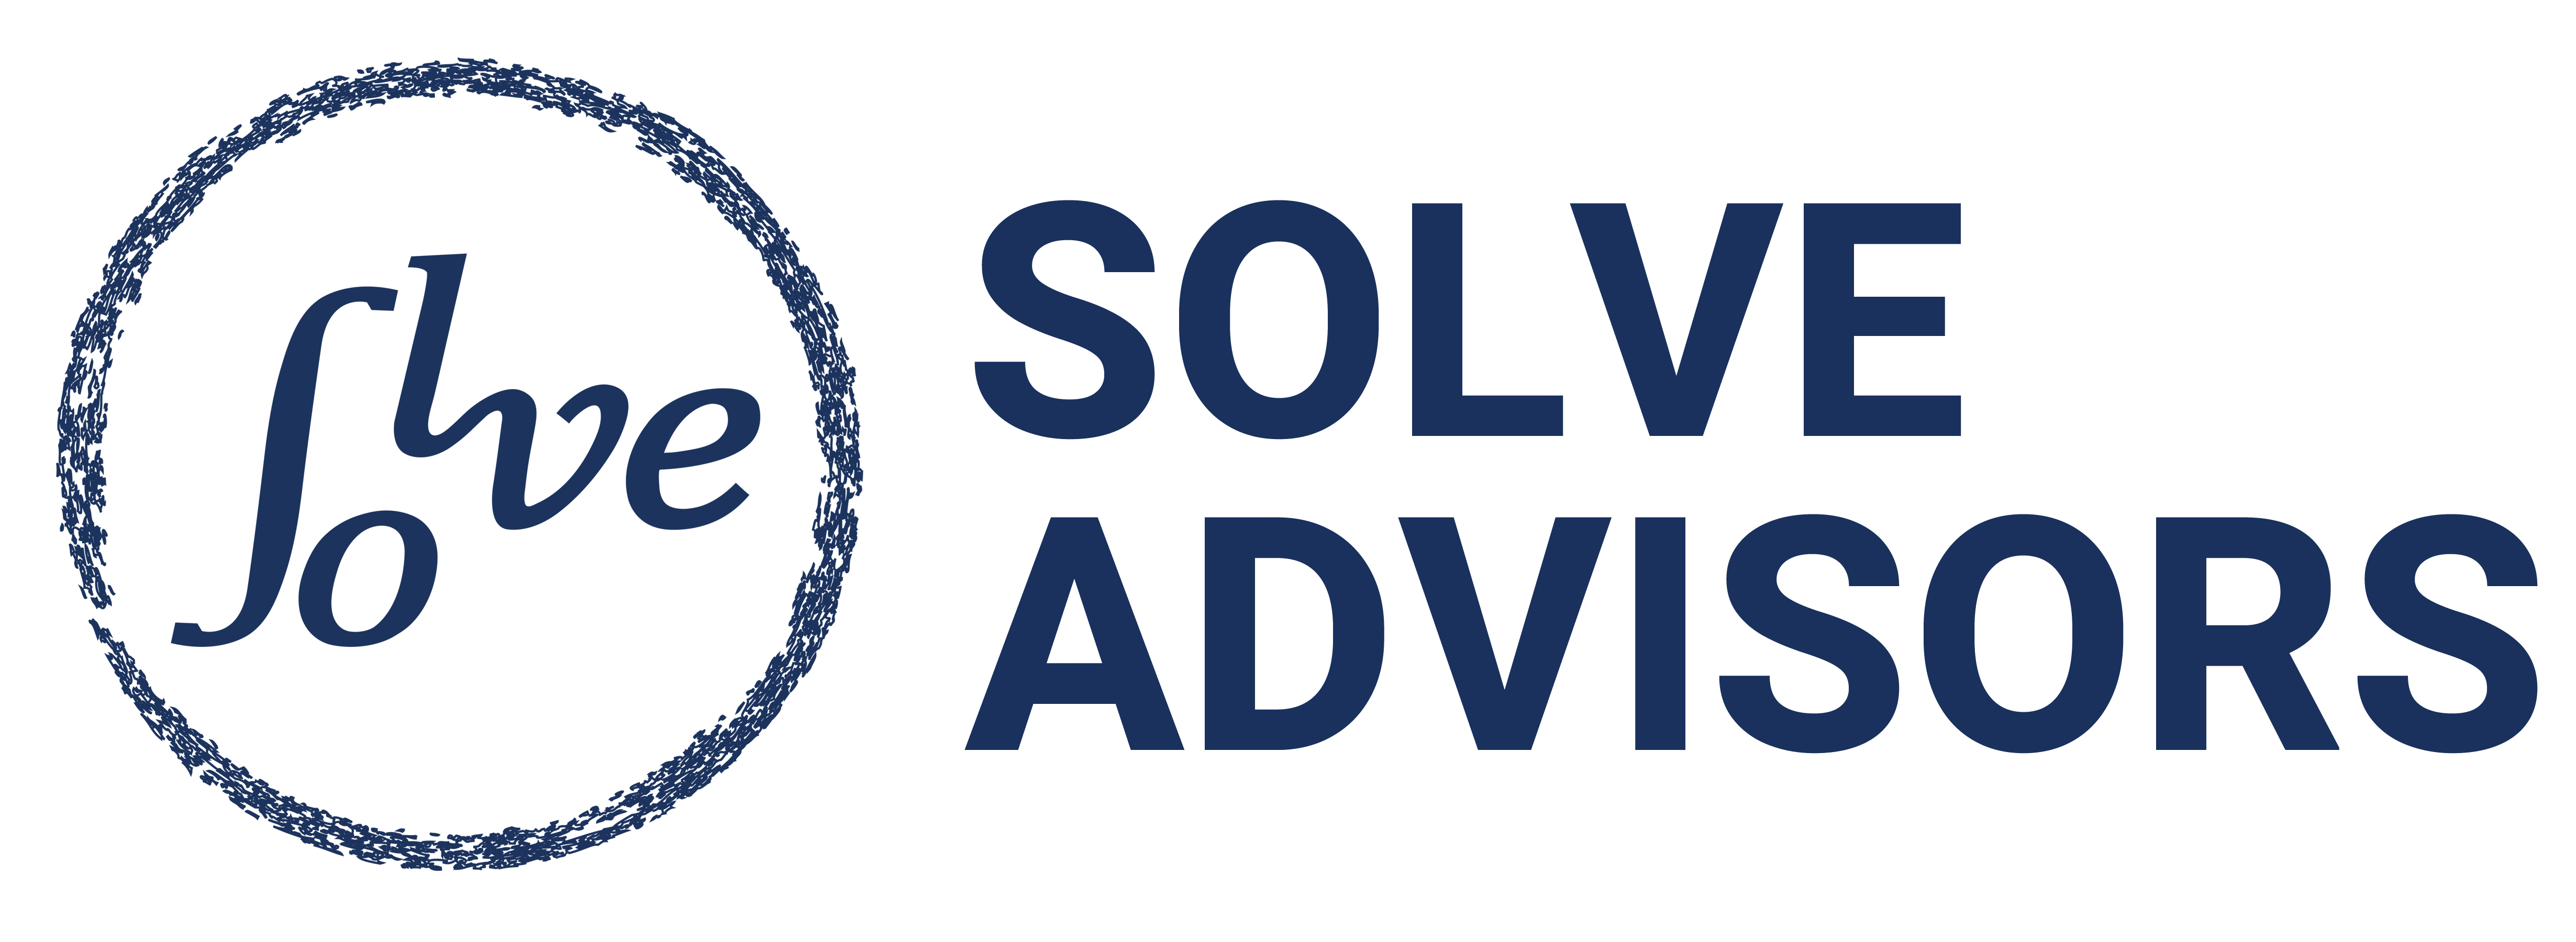 SolveAdvisorsLogo_2018_HighRes